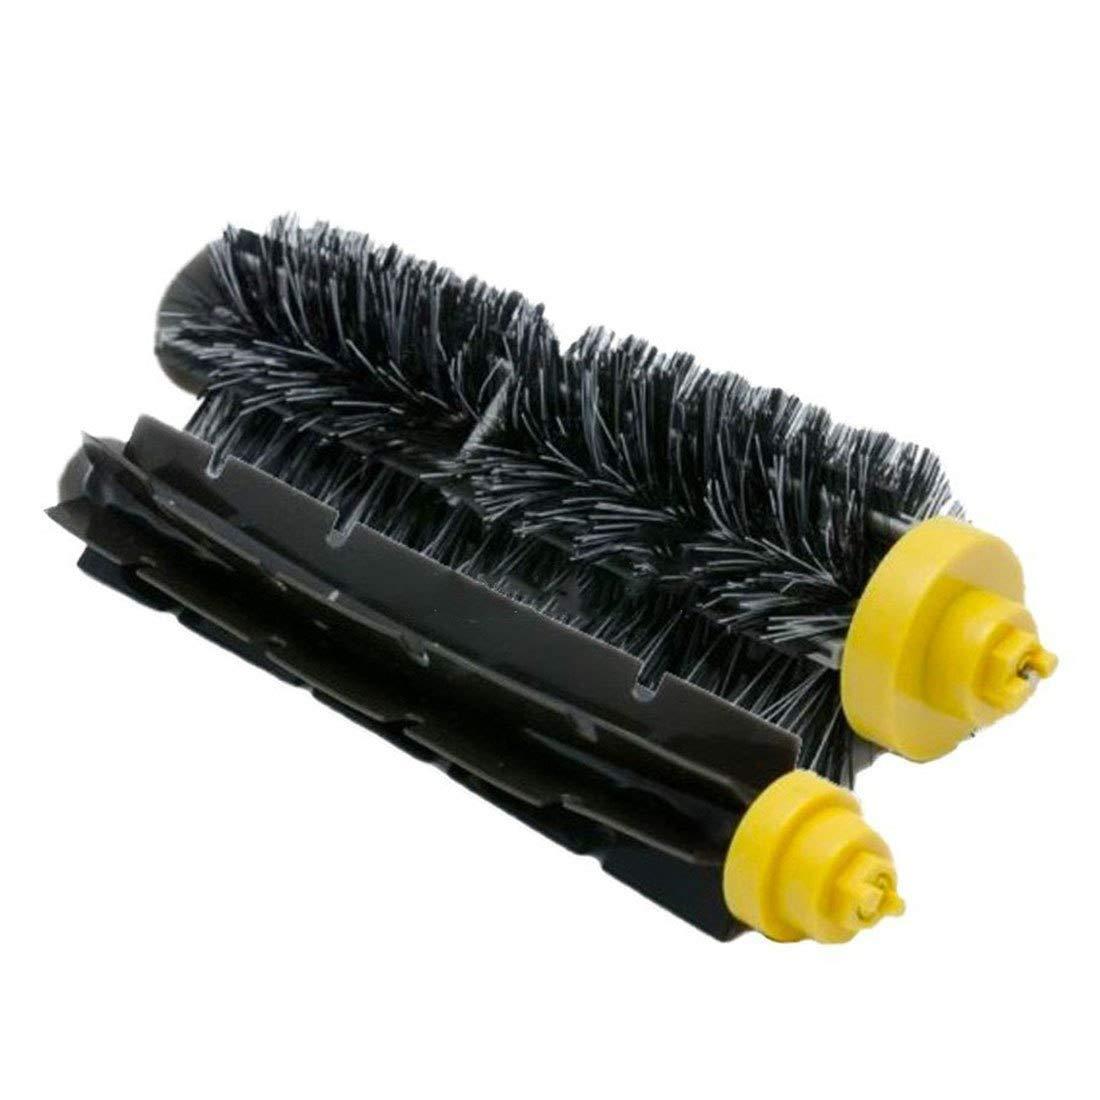 ANJUYA 11PCs Brushes Filters for Vacuum Cleaner Sweeping Robot Vacuum Filter